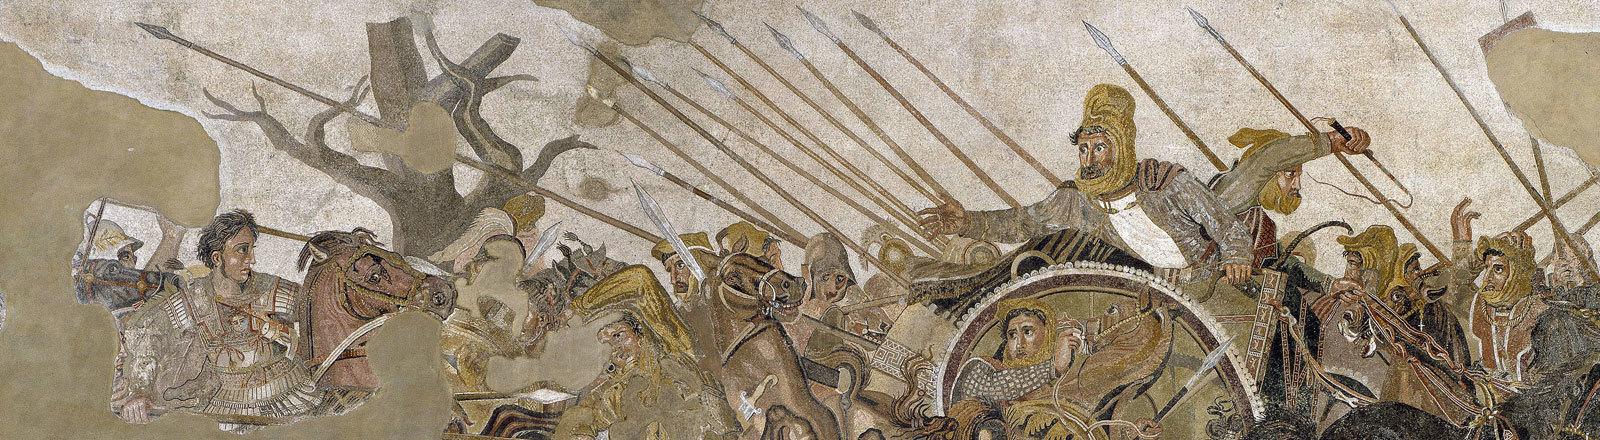 Die Schlacht von Issos, Mosaik aus Pompei (Archäologisches Nationalmuseum, Neapel)